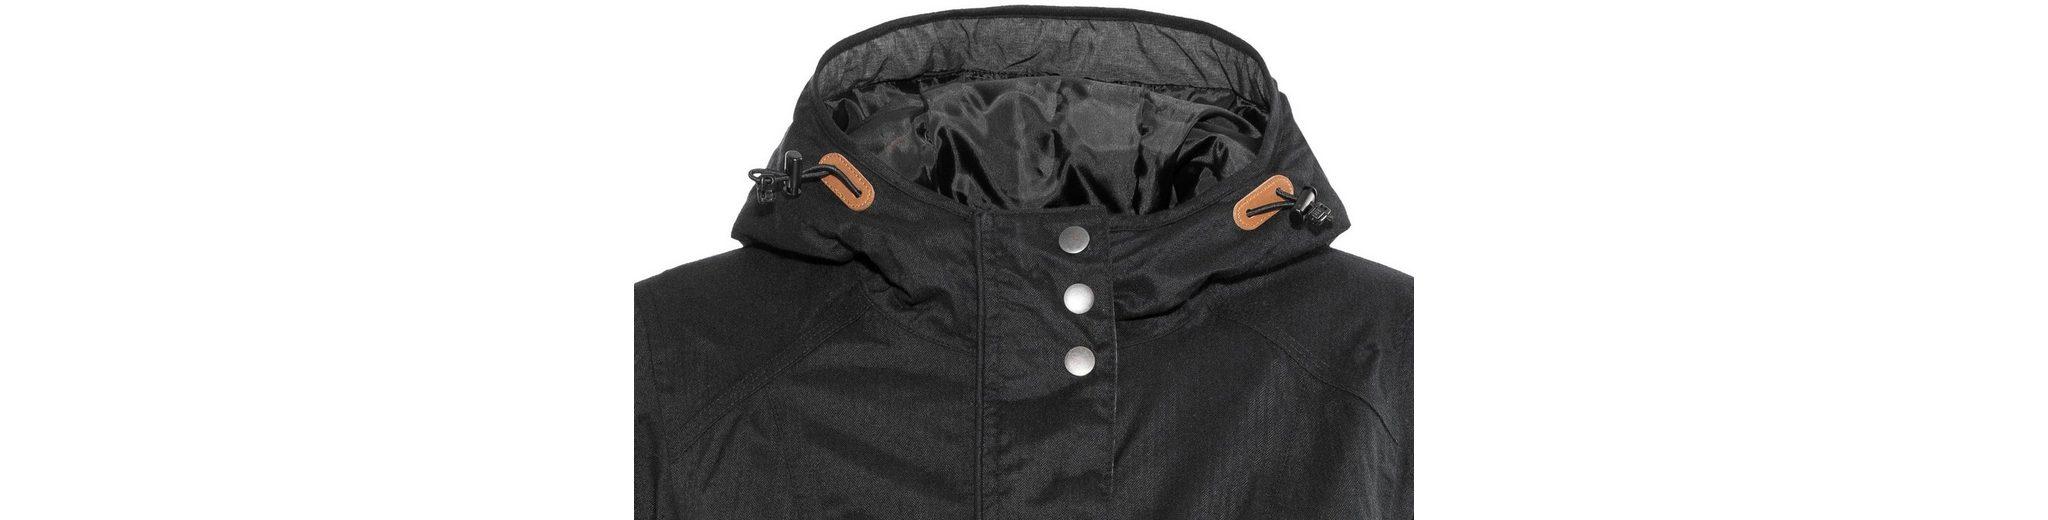 High Colorado Outdoorjacke Turin Winterparka Damen Spielraum Fabrikverkauf Günstige Rabatte Neue Und Mode vnH0trH